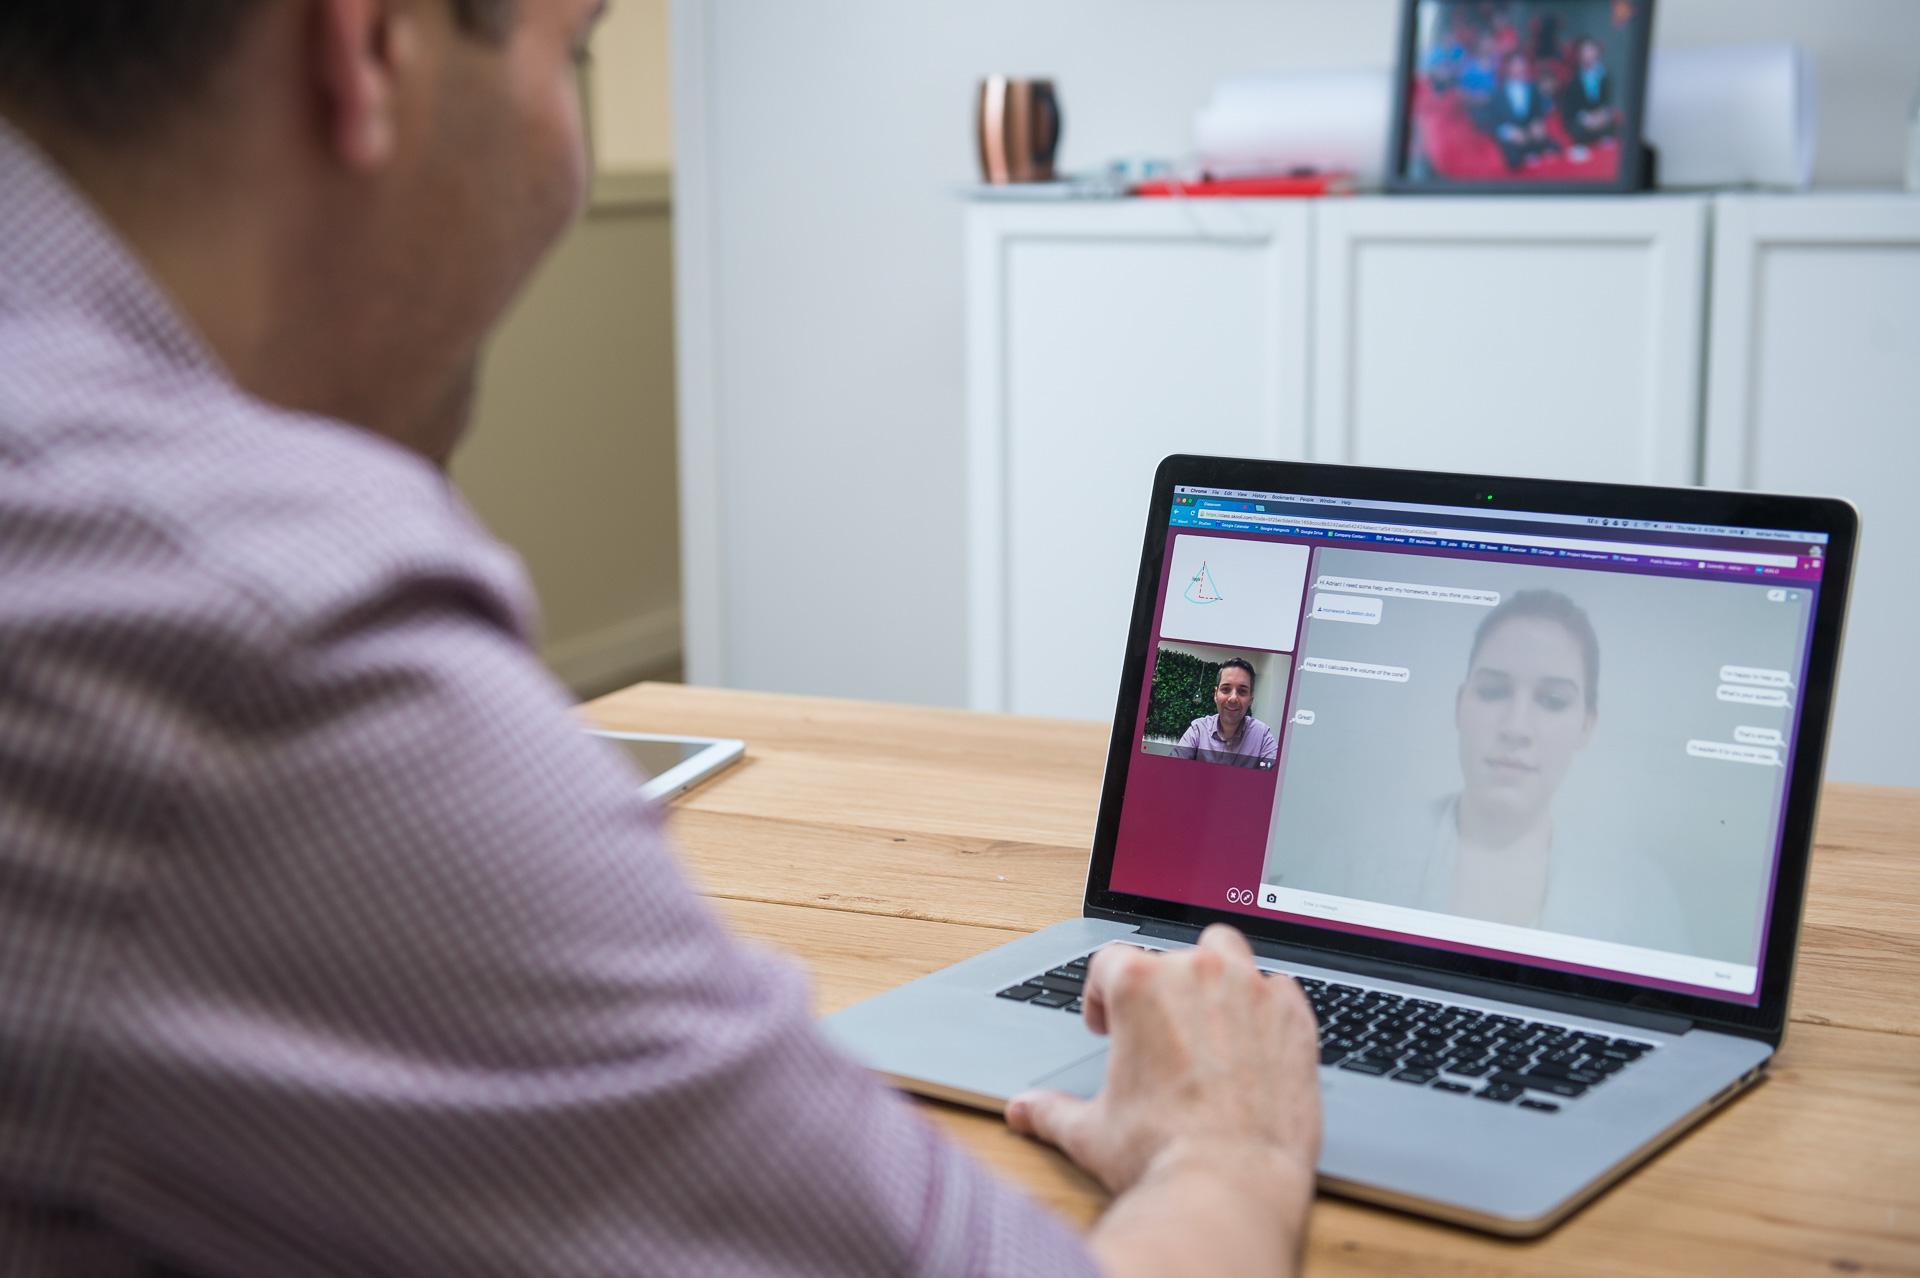 skooli online tutoring